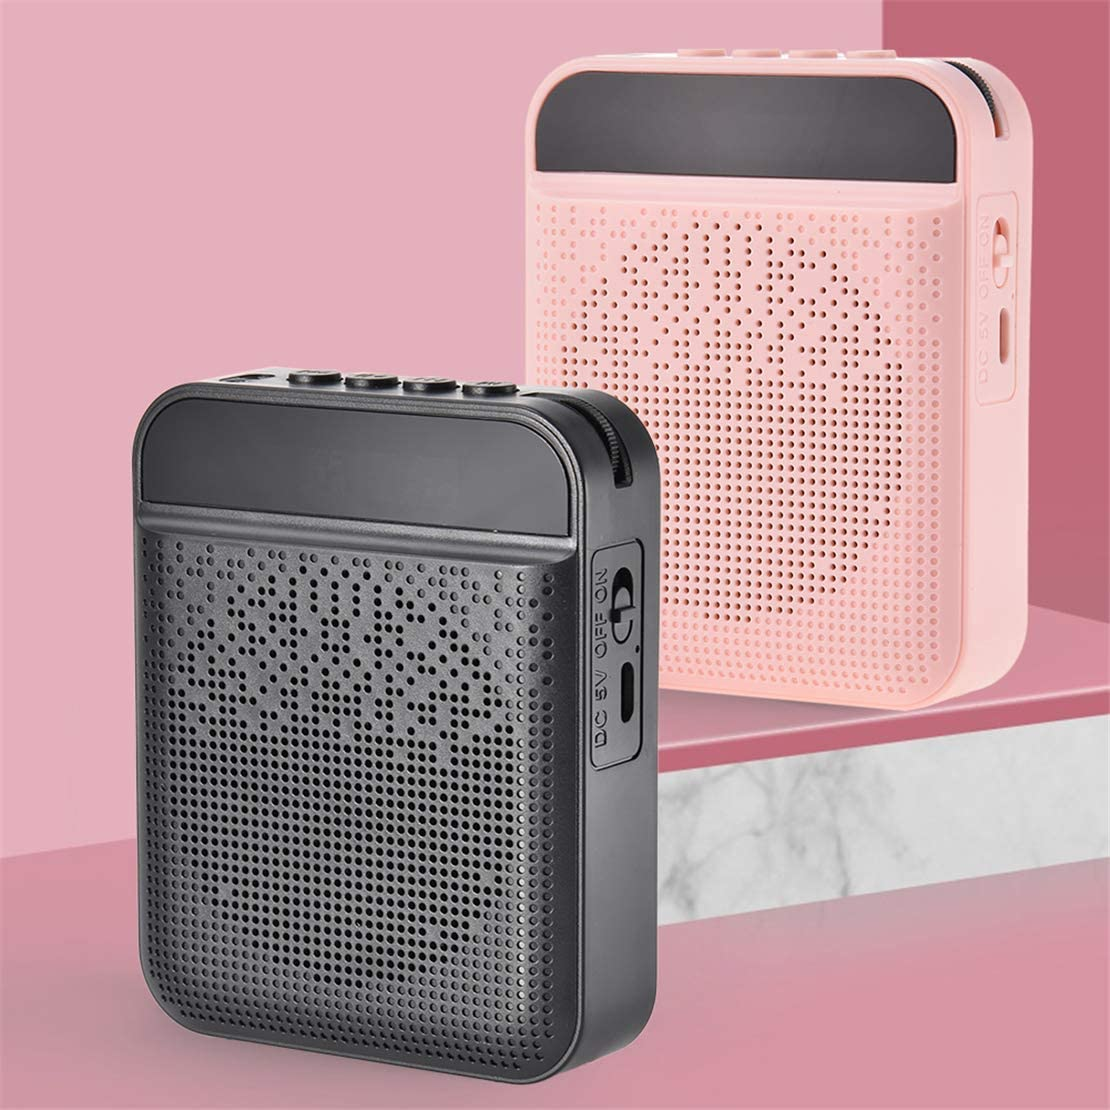 Altavoz//Bluetooth//Radio FM//Reproductor de MP3 para profesores Gu/ías tur/ísticos Entrenadores Amplificador de voz port/átil con micr/ófono para auriculares altavoz de micr/ófono personal recargable